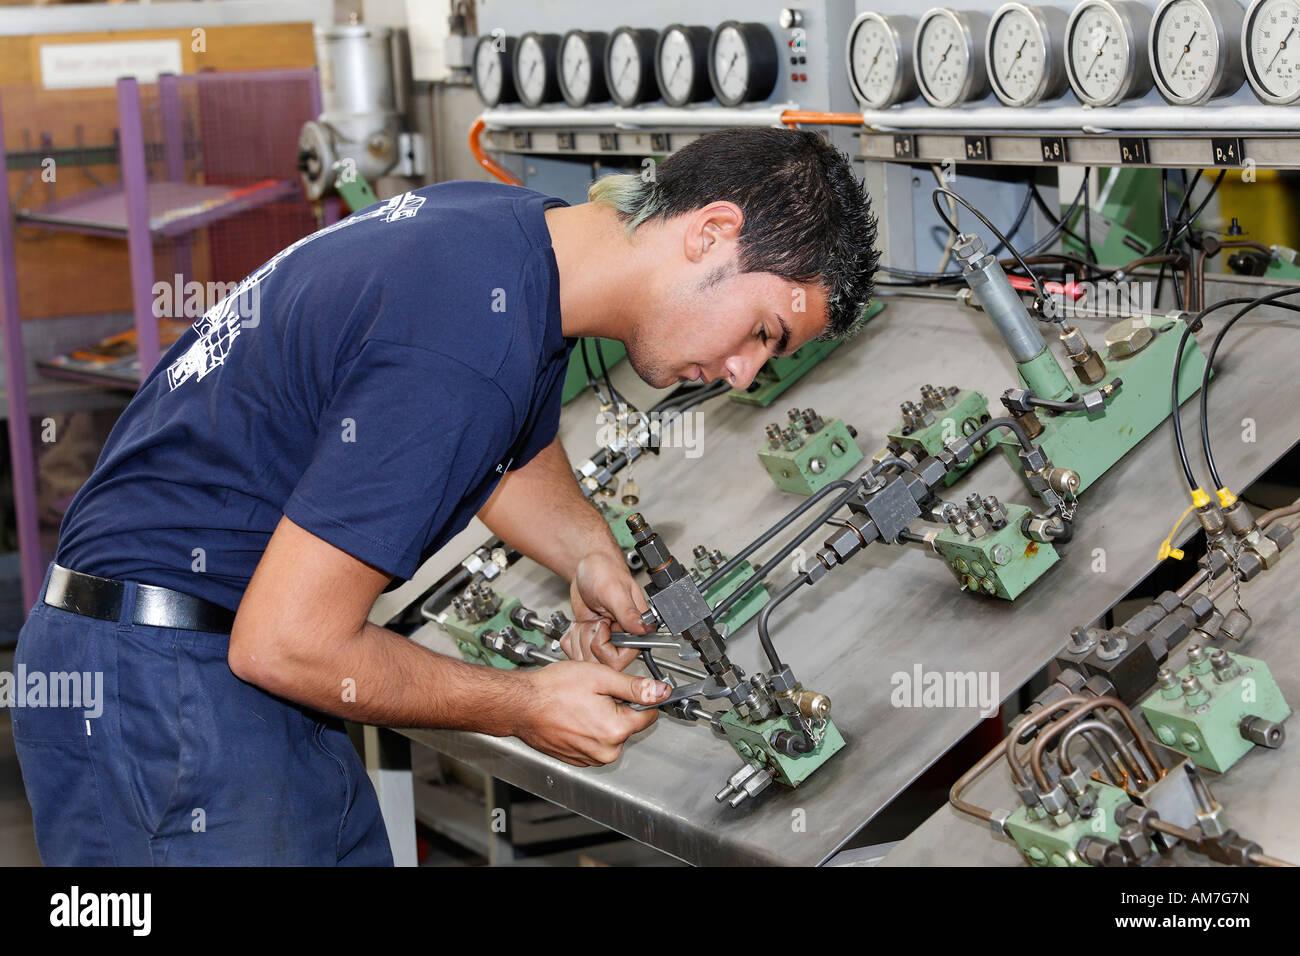 Cursillista enroscando en un circuito doble sistema de lubricación, taller de capacitación hkm, Duisburg Imagen De Stock